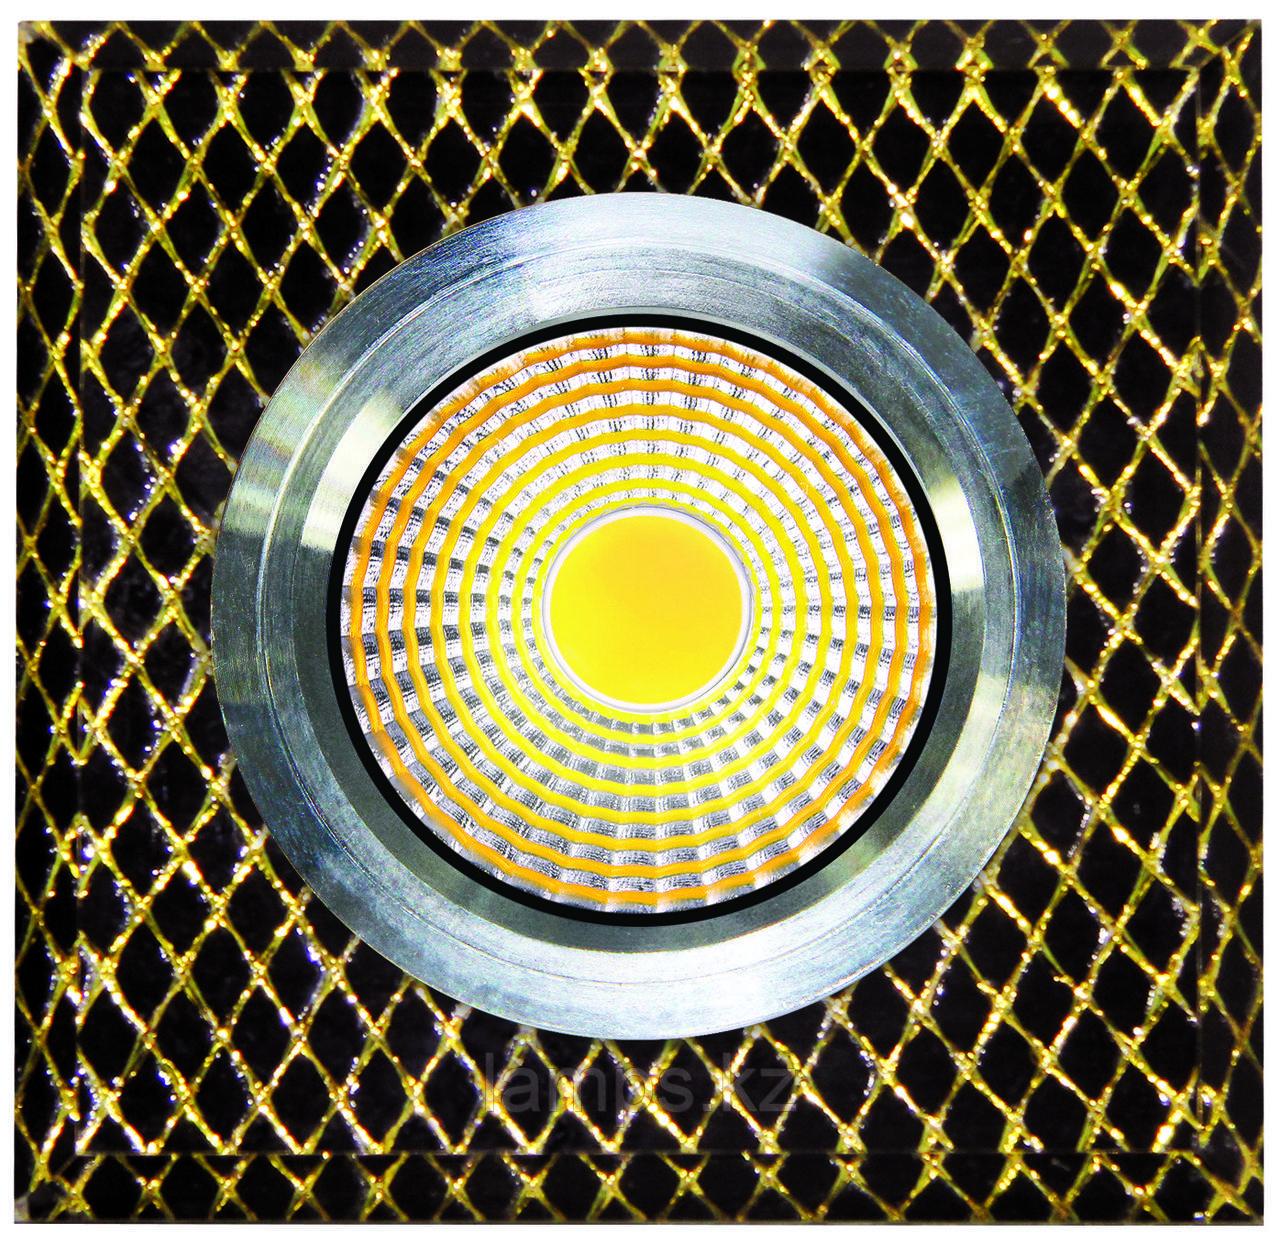 Спот встраиваемый светодиодный LED QX8-W255 Квадрат Gold